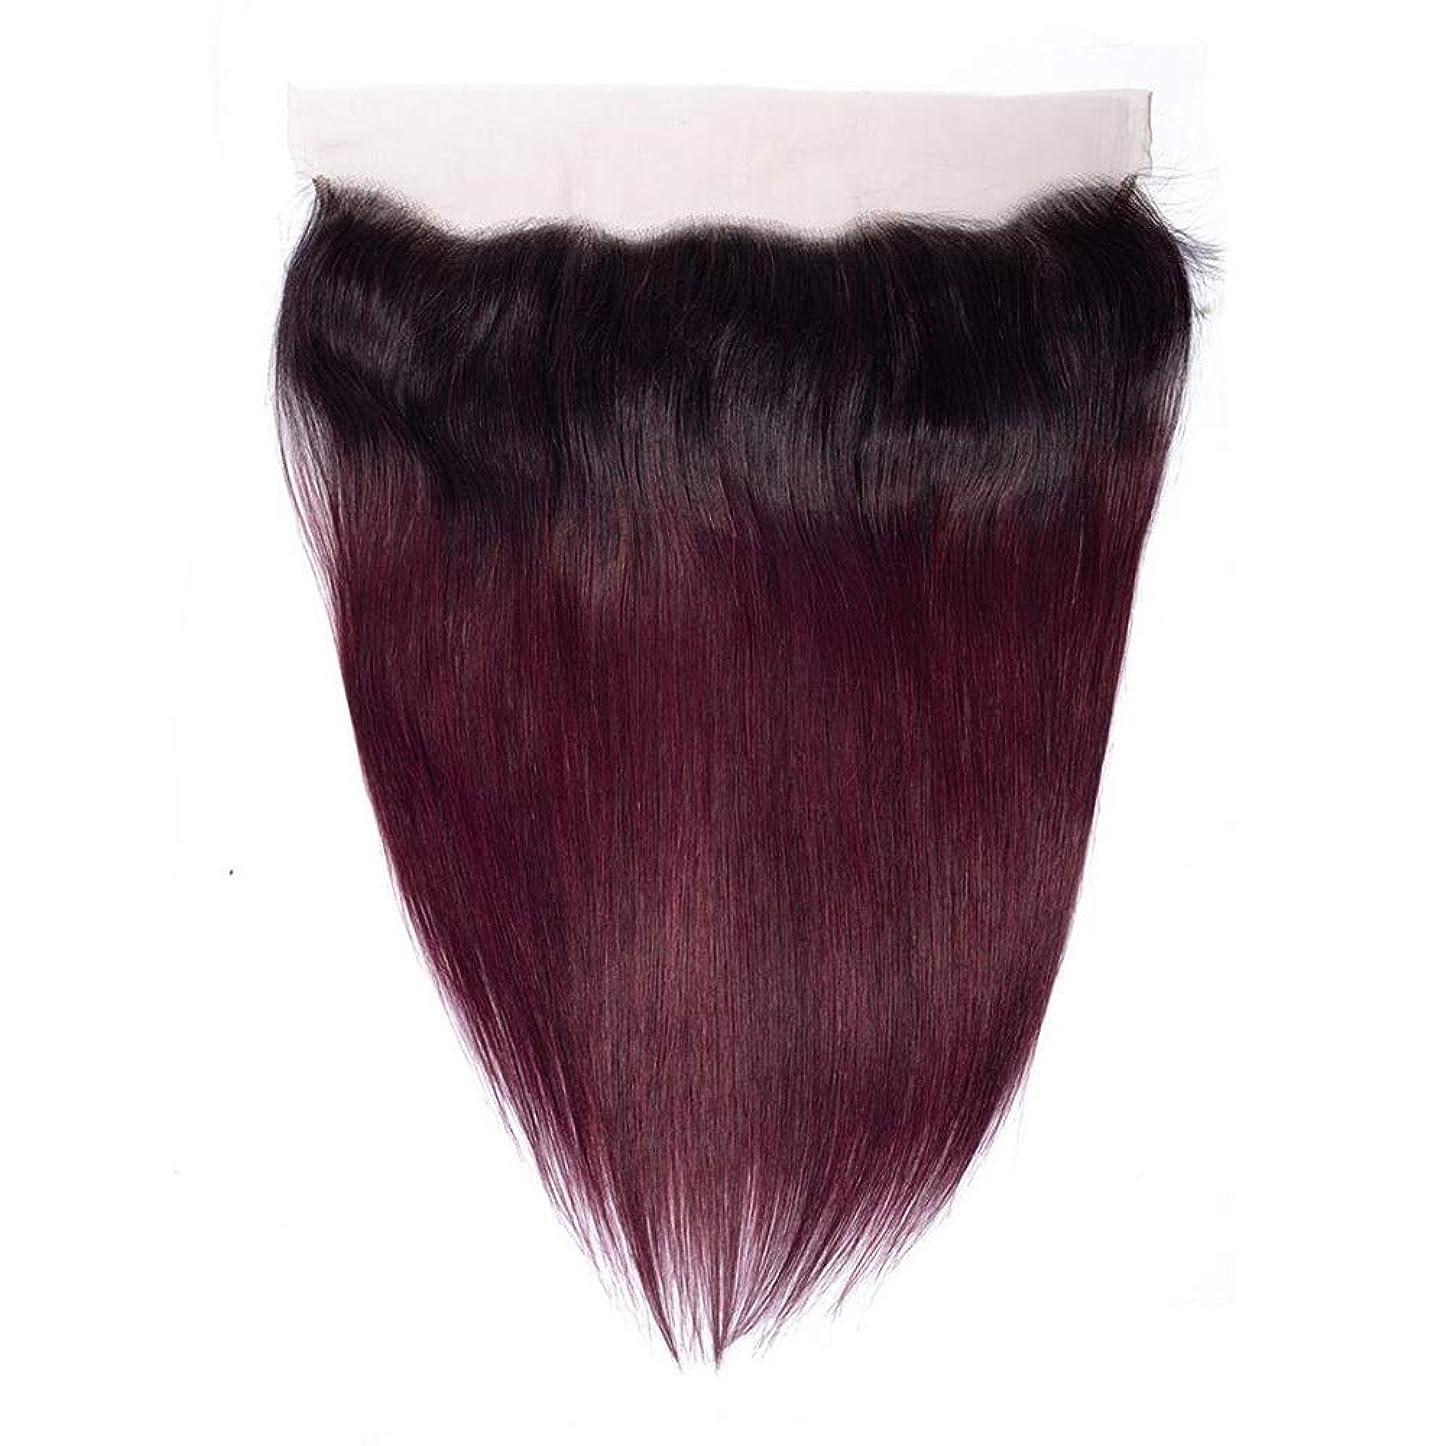 横ヒント守るHOHYLLYA 13×4ディープフリーパートストレートレース閉鎖ブラジル人間の髪の毛の閉鎖1B / 99J 2トーンナチュラル探して短いかつらかつら (色 : ワインレッド, サイズ : 8 inch)